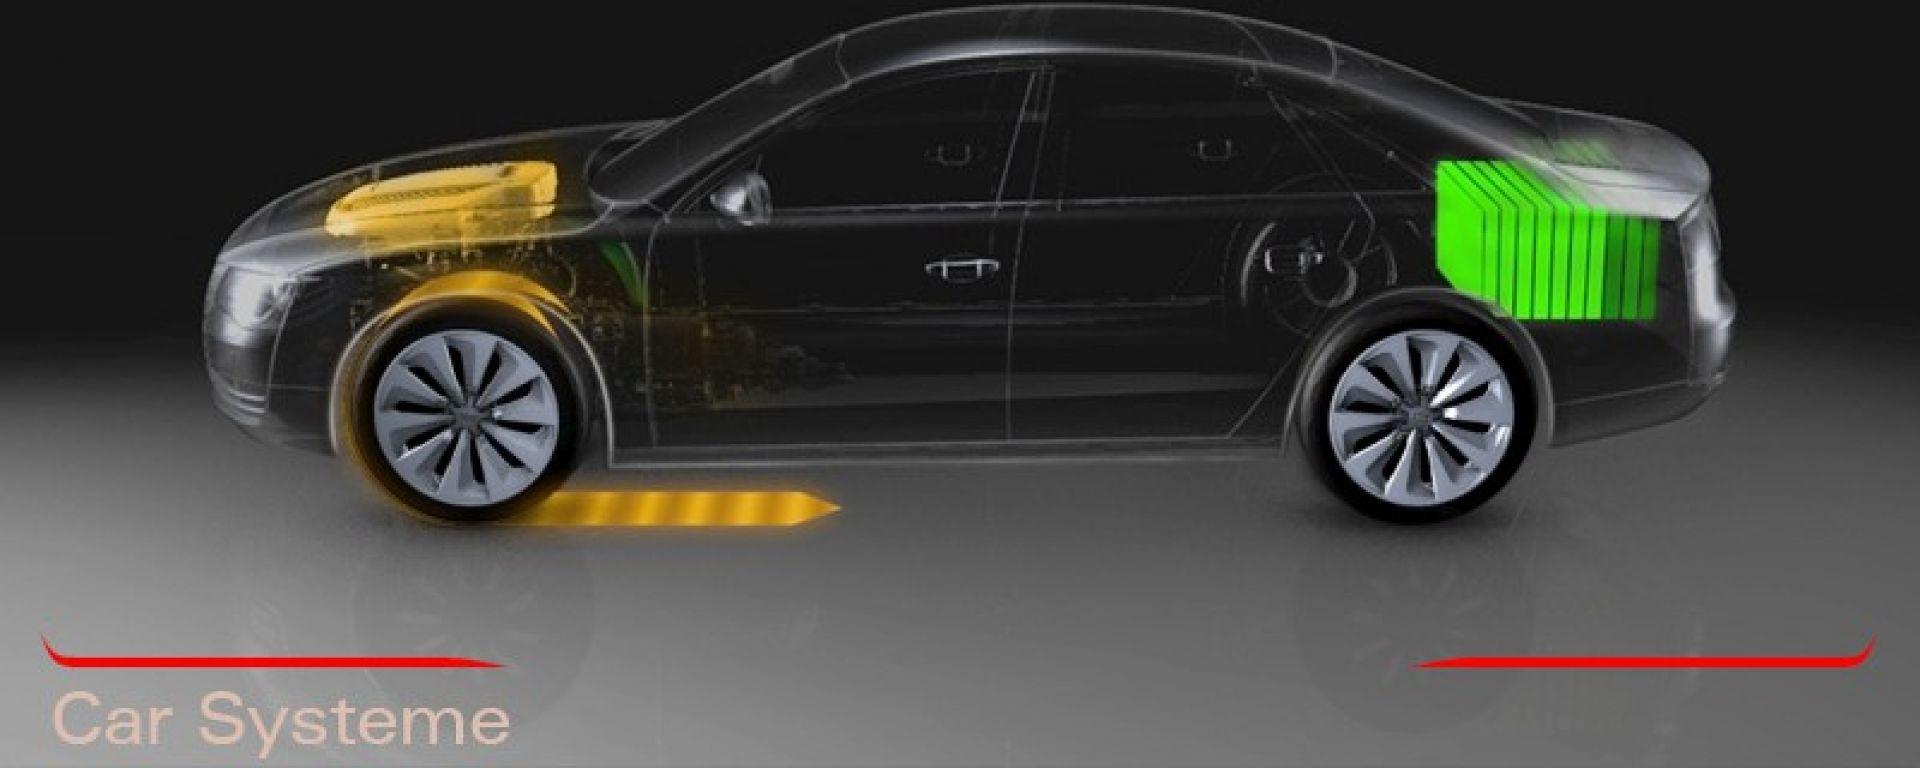 Volkswagen, Audi e Porsche accusate di aver violato brevetti sulle auto ibride